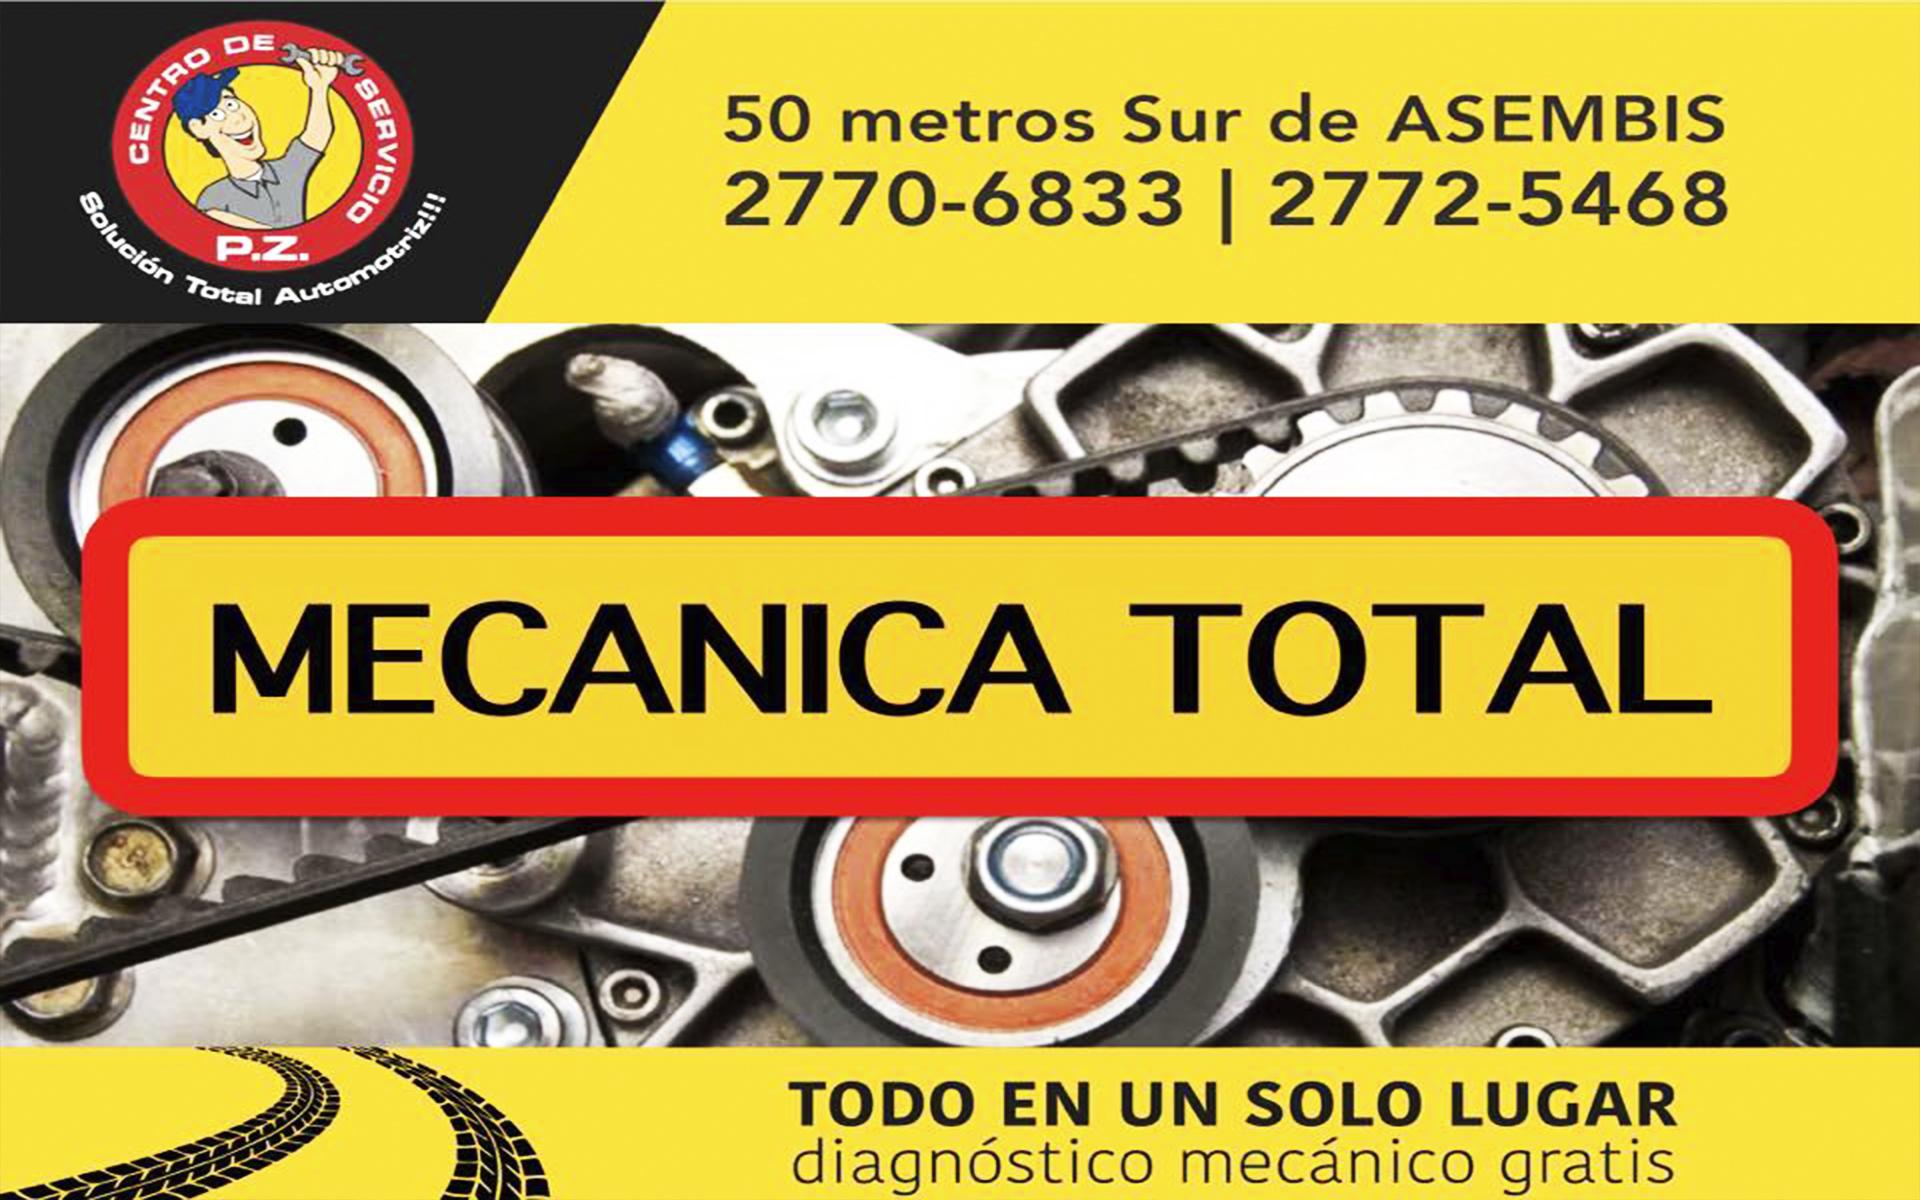 Centro de Servicio PZ - www.pzactual.com